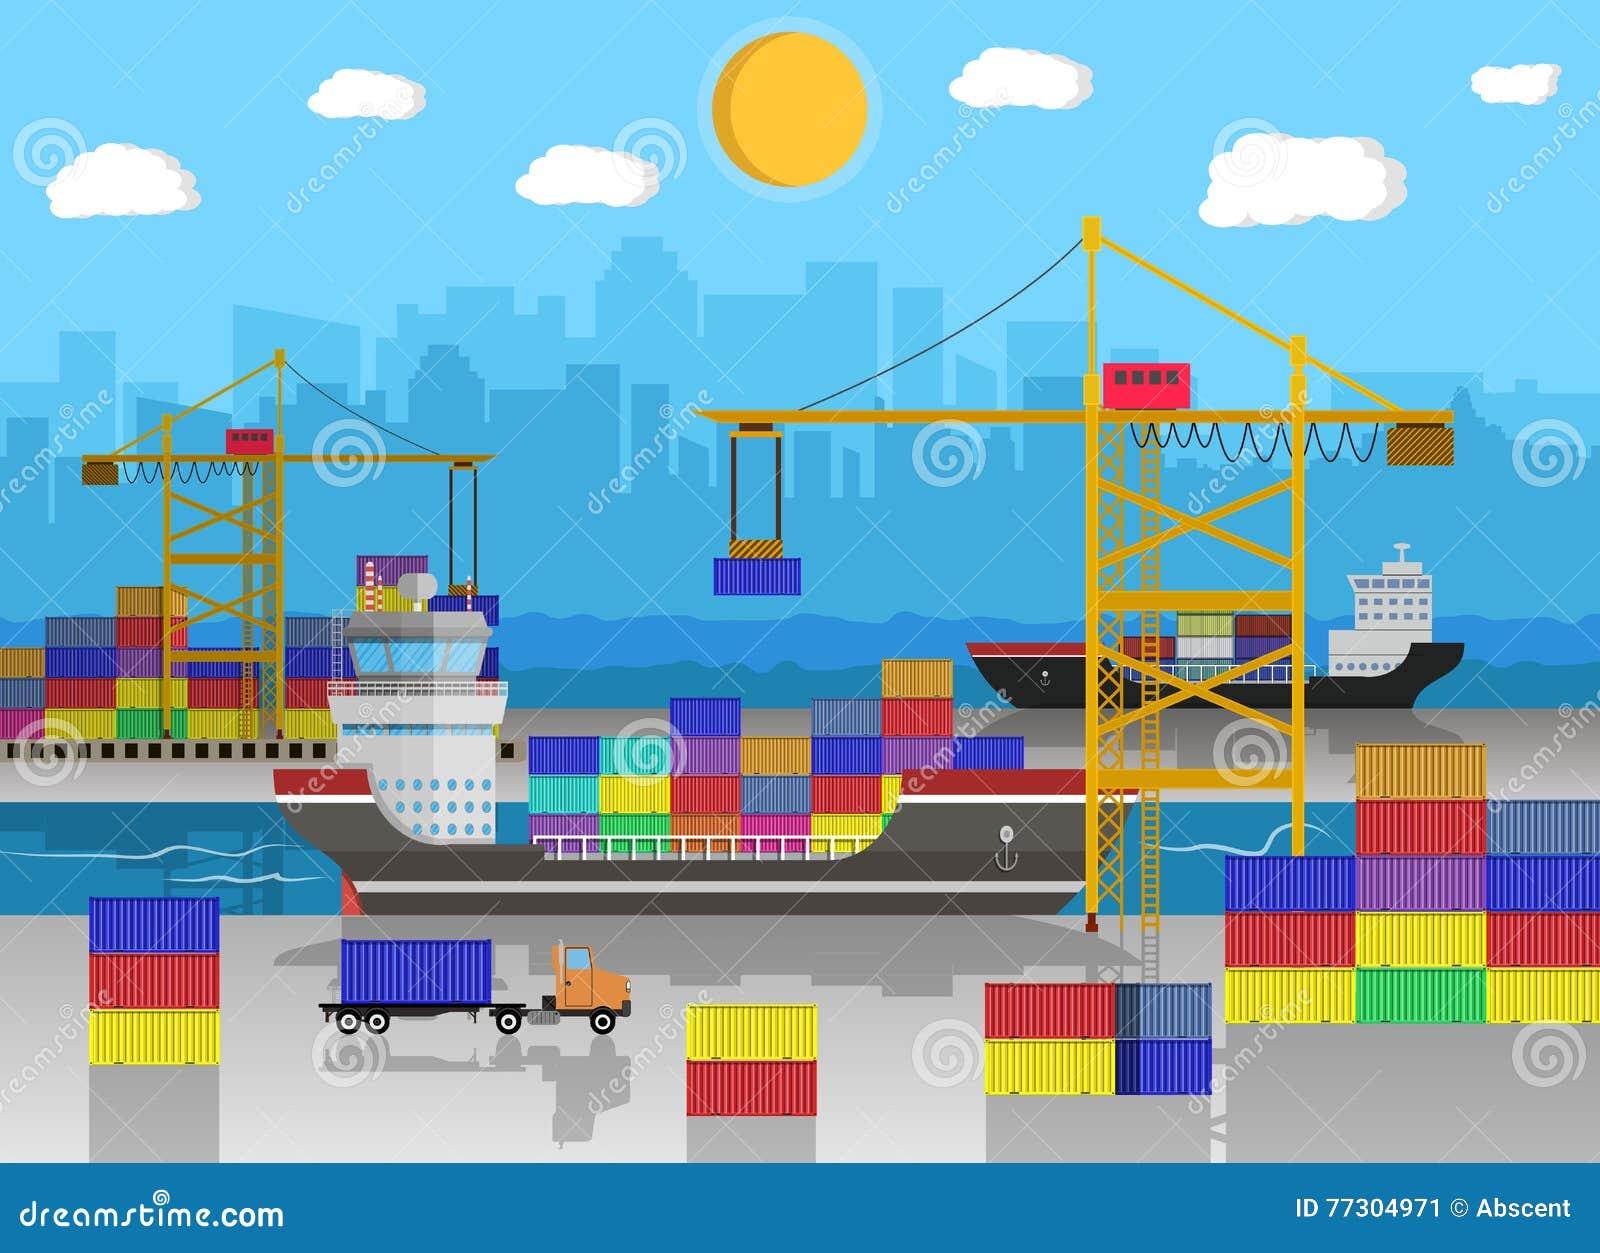 unloads cartoons  illustrations   vector stock images 22 Front View Semi Truck Clip Art Semi Truck Driver Clip Art